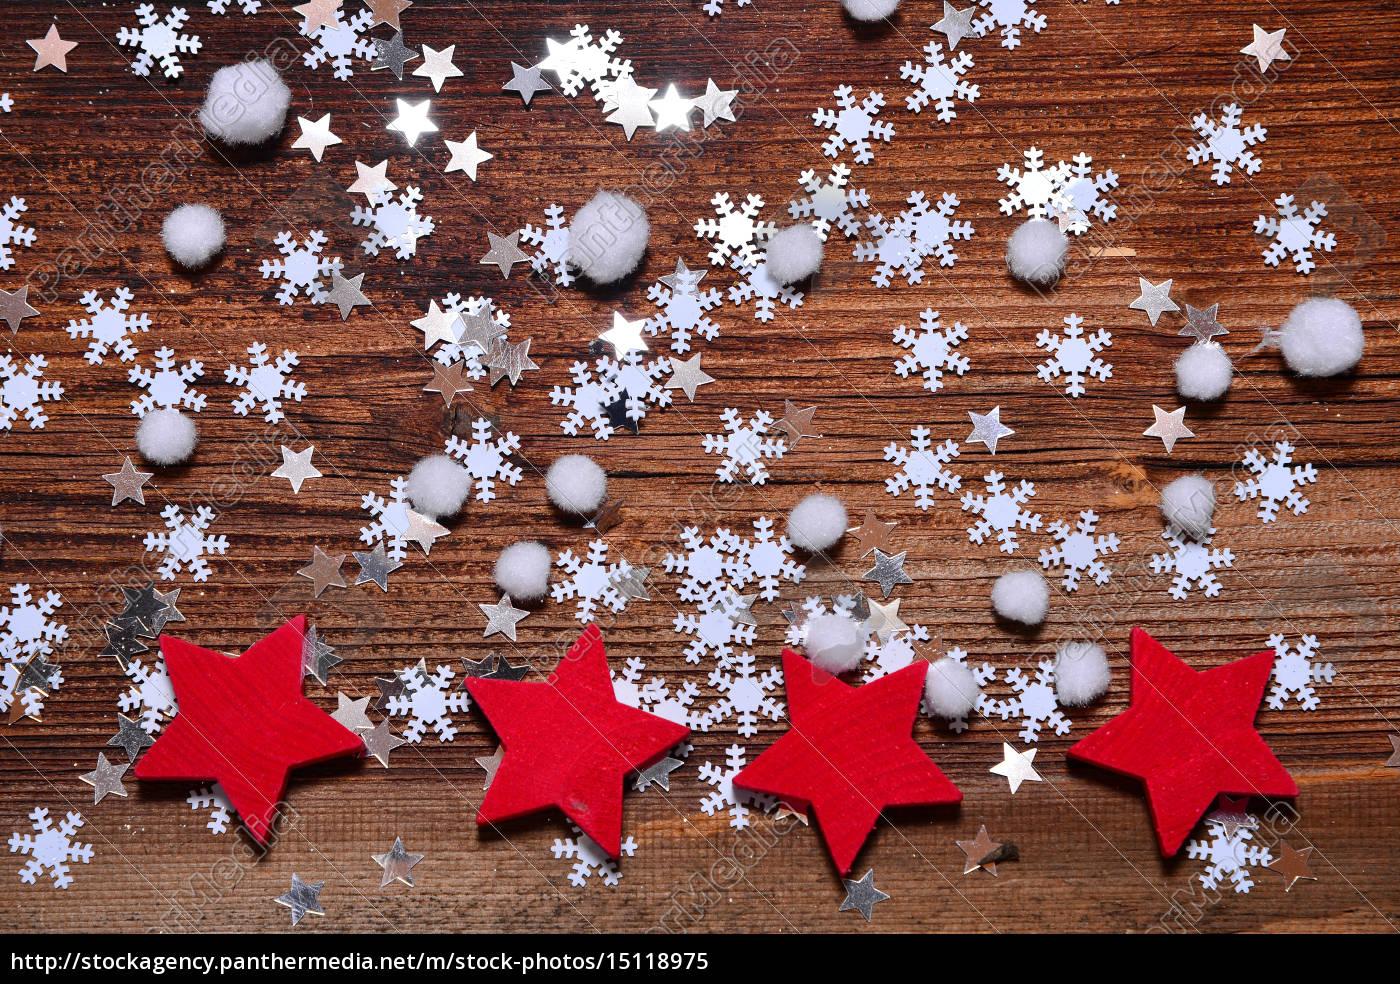 Hintergrund Weihnachten.Lizenzfreies Bild 15118975 Weihnachten Holz Hintergrund Sterne